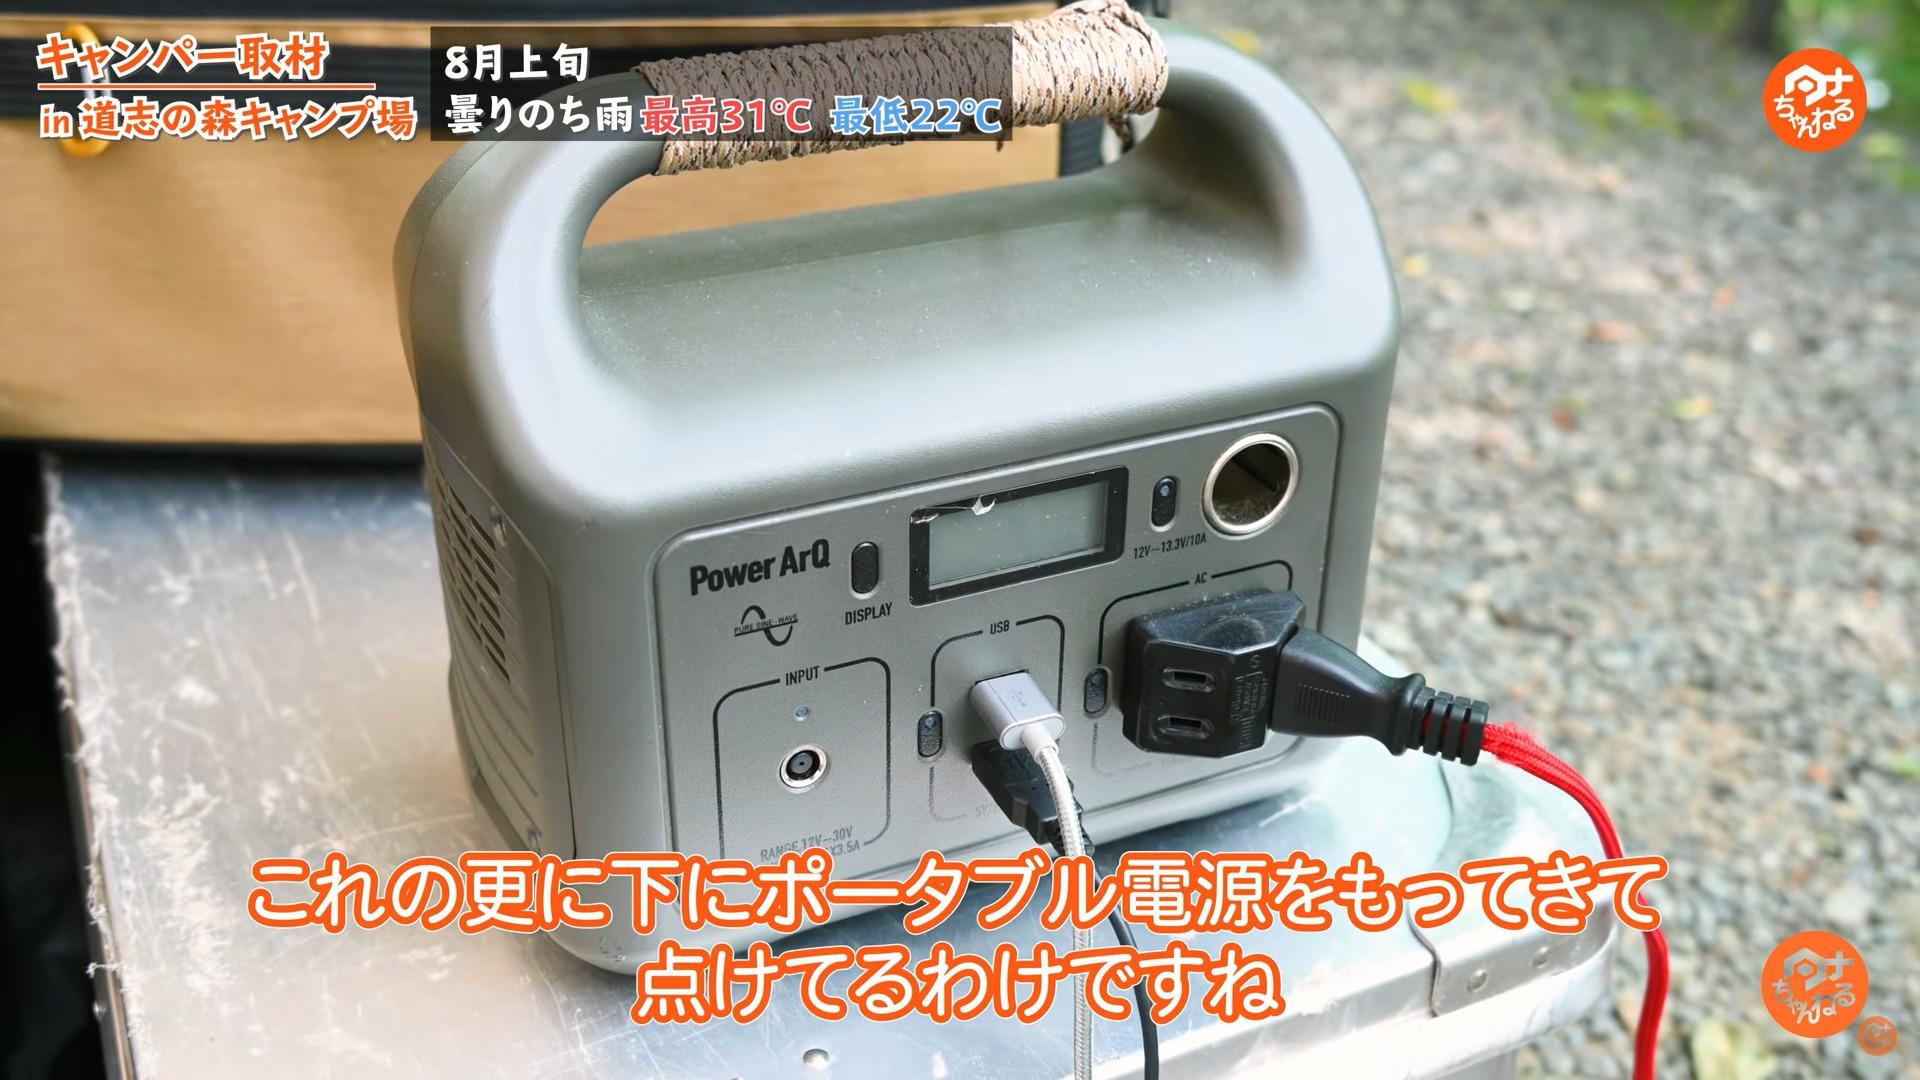 ポータブル電源:【SmartTap】Power ArQ mini